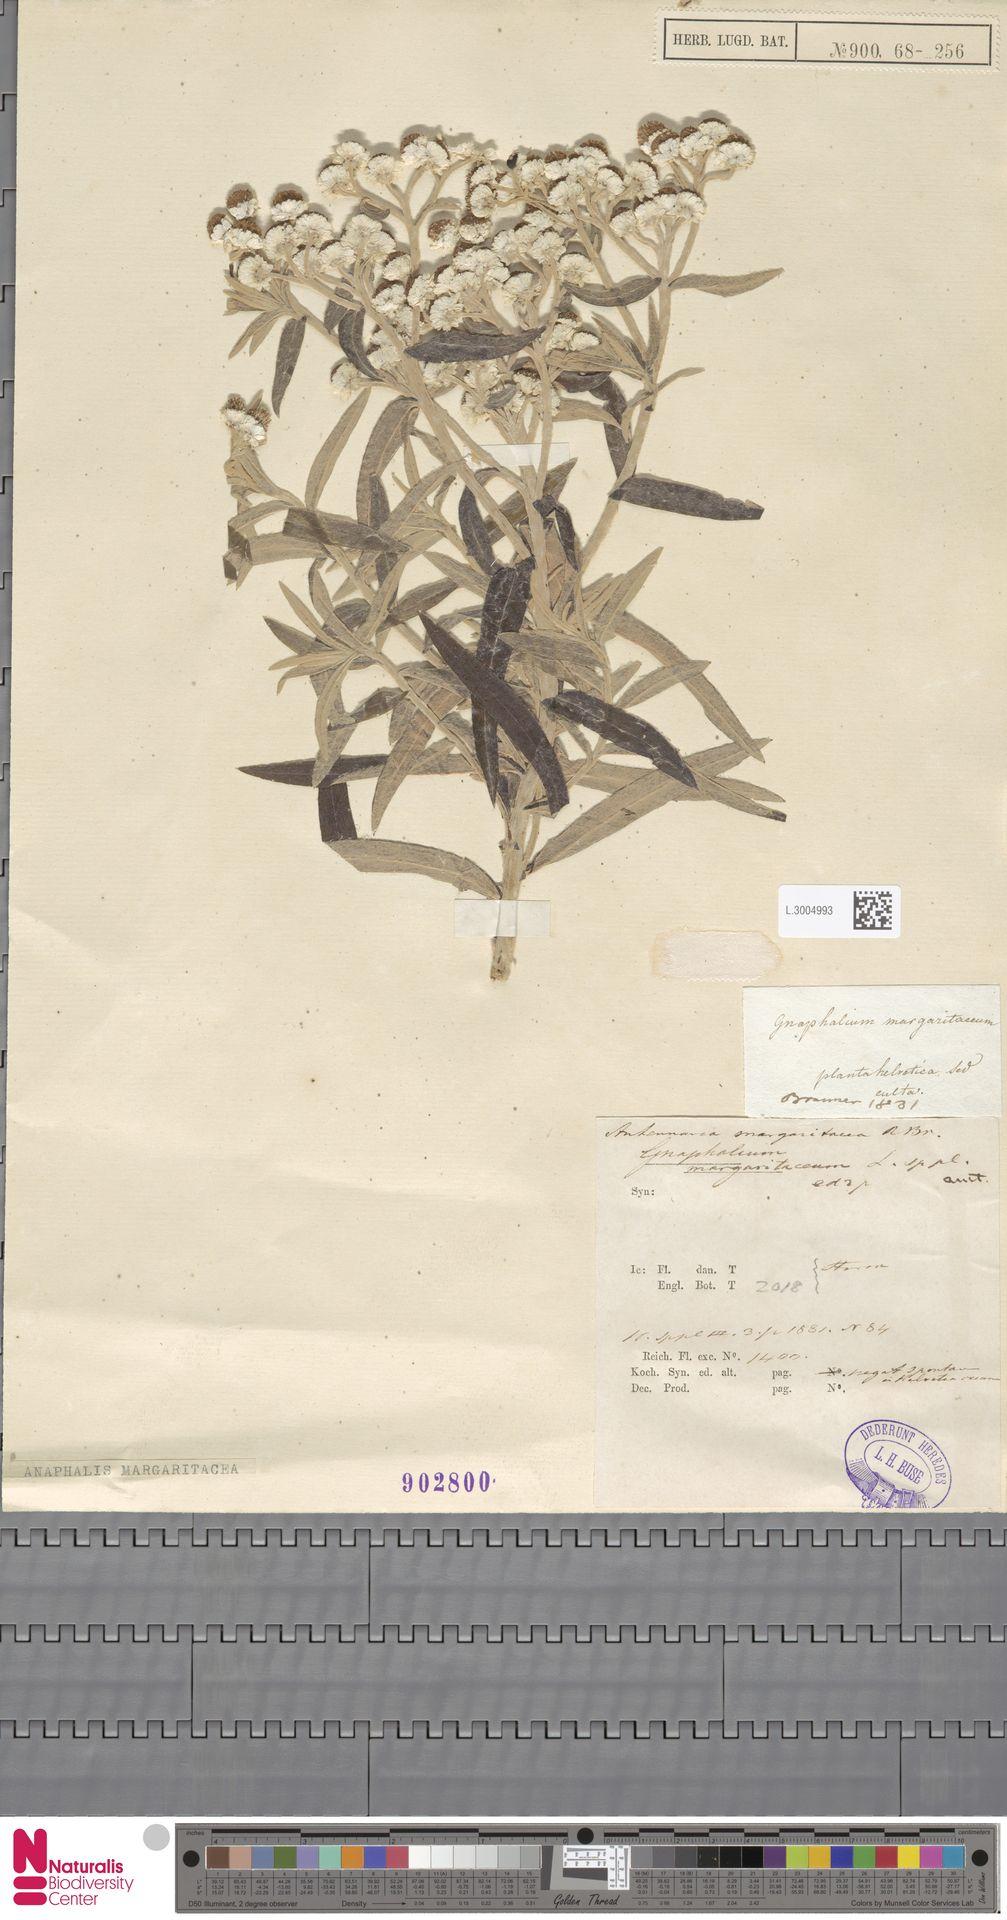 L.3004993   Anaphalis margaritacea (L.) Benth. & Hook.f.